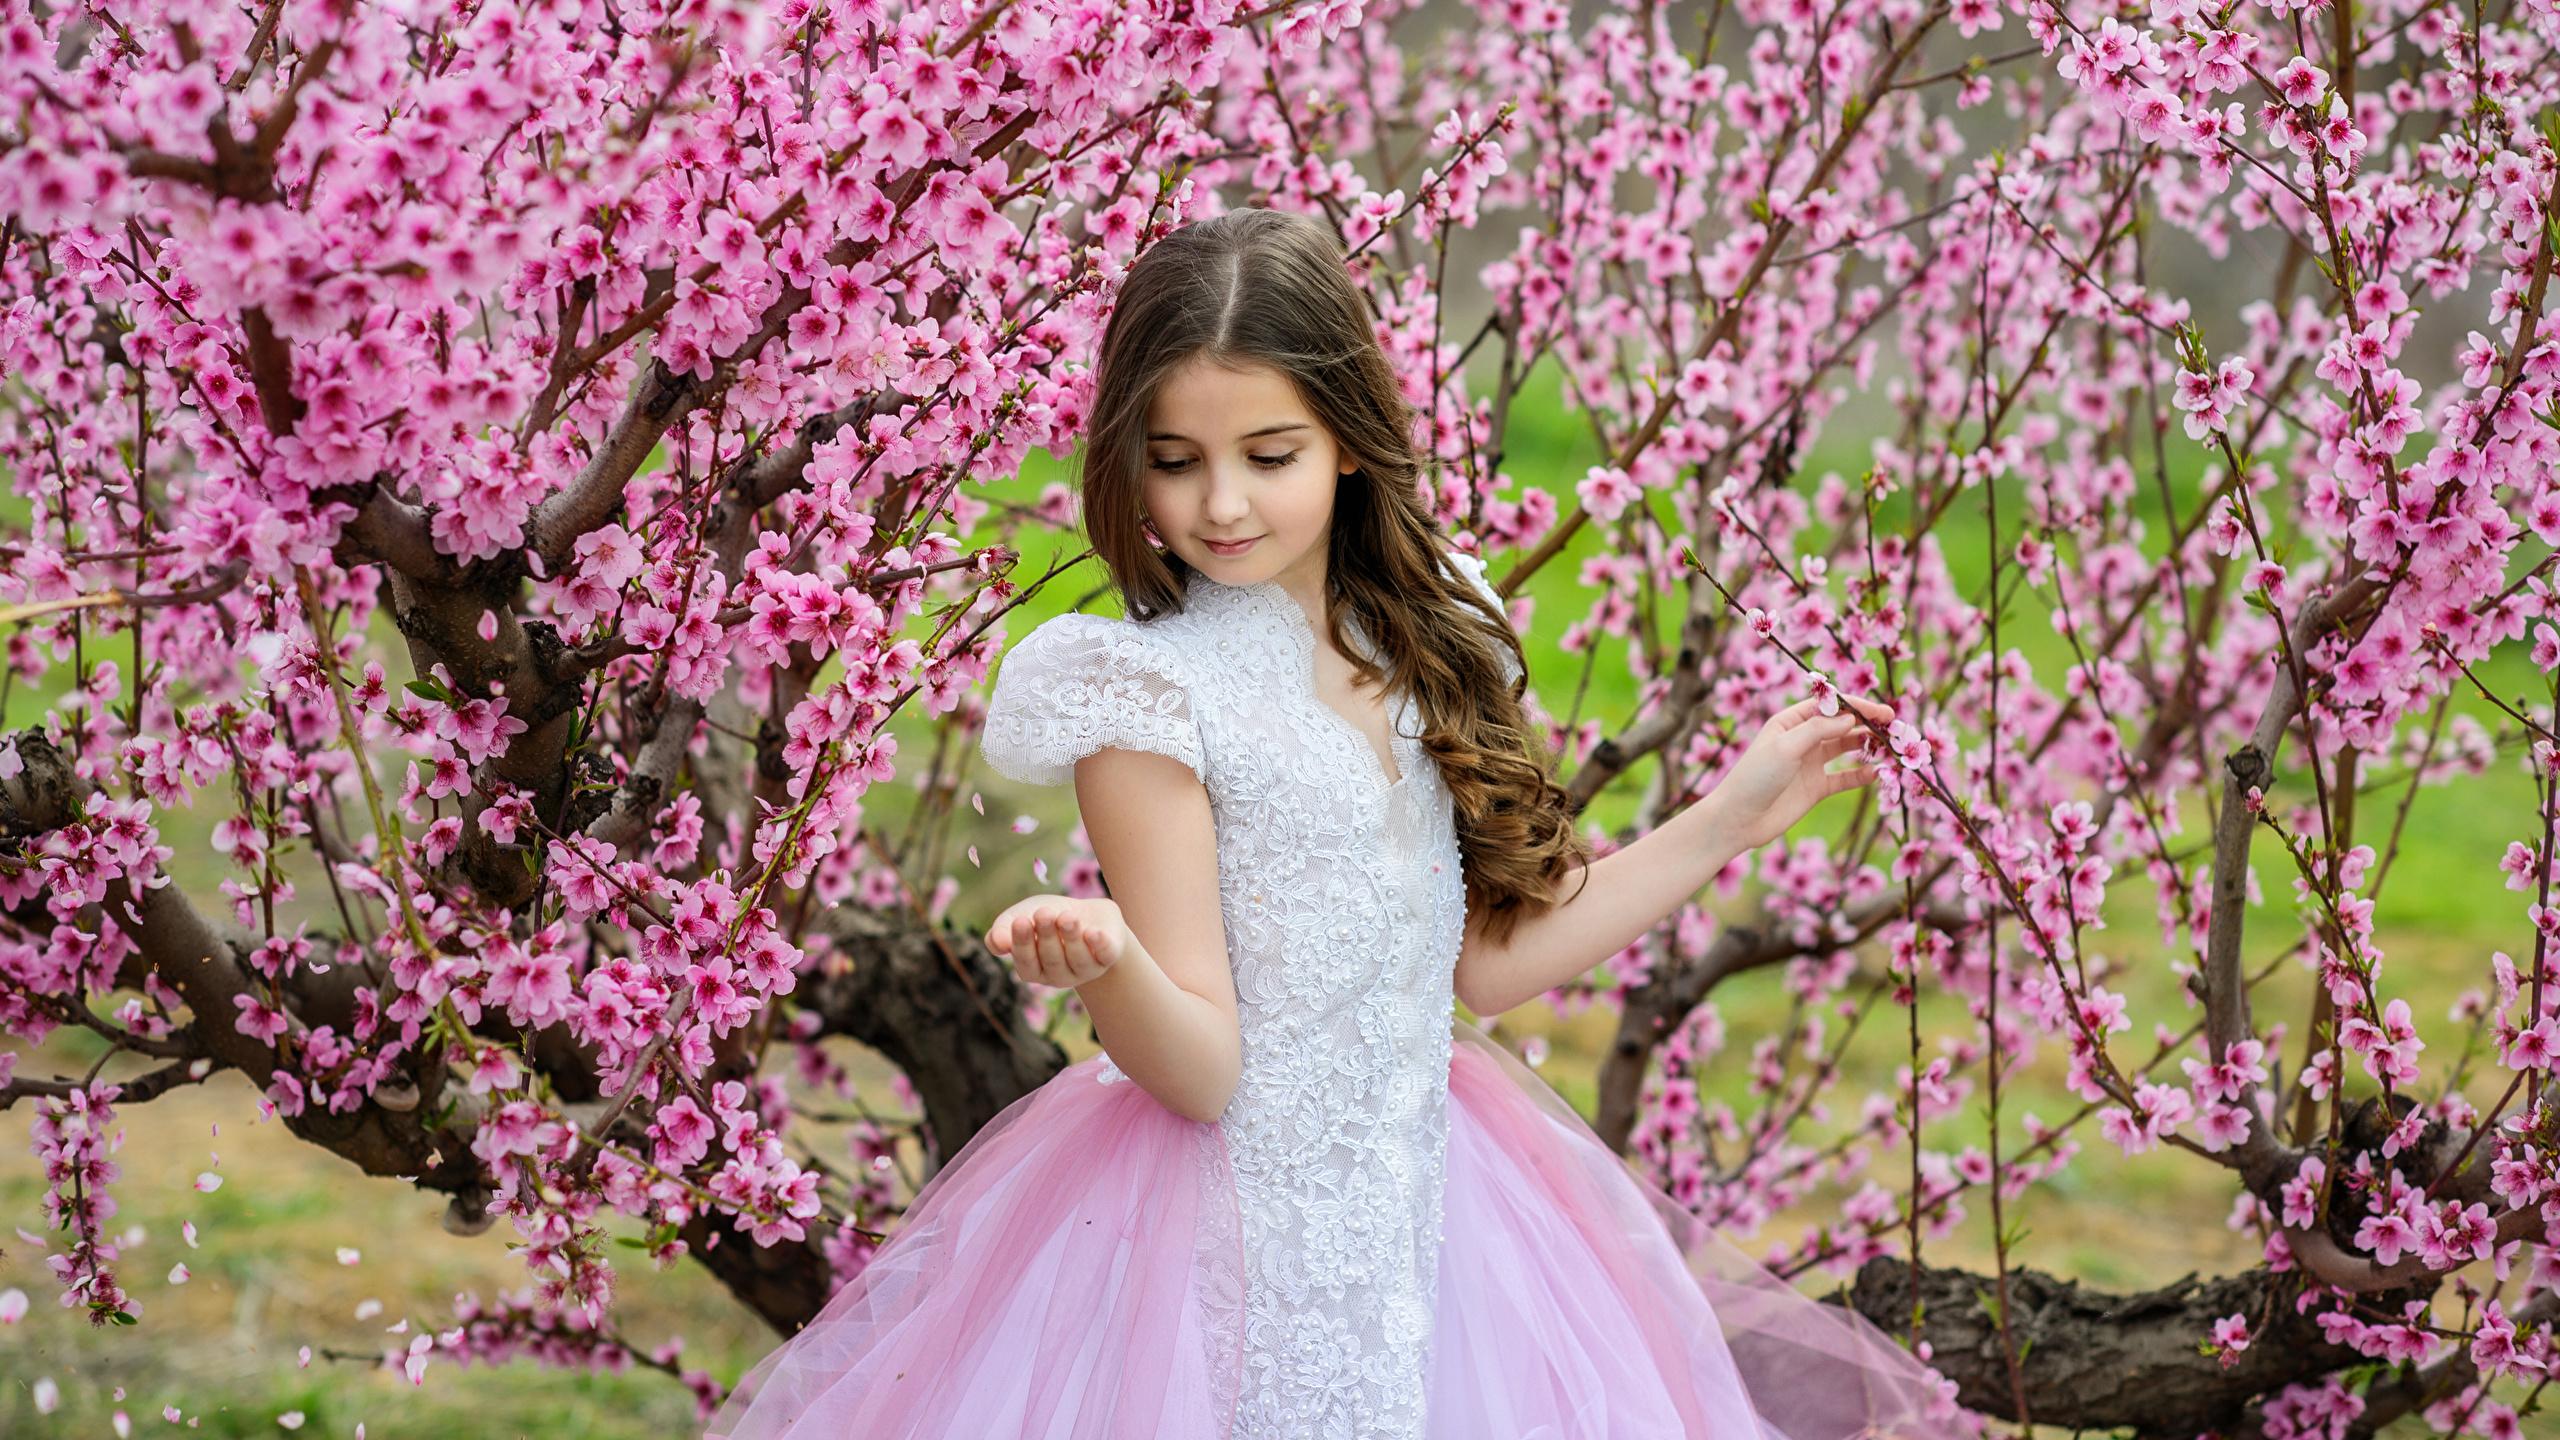 Фото Девочки ребёнок весенние Платье Цветущие деревья 2560x1440 девочка Дети Весна платья